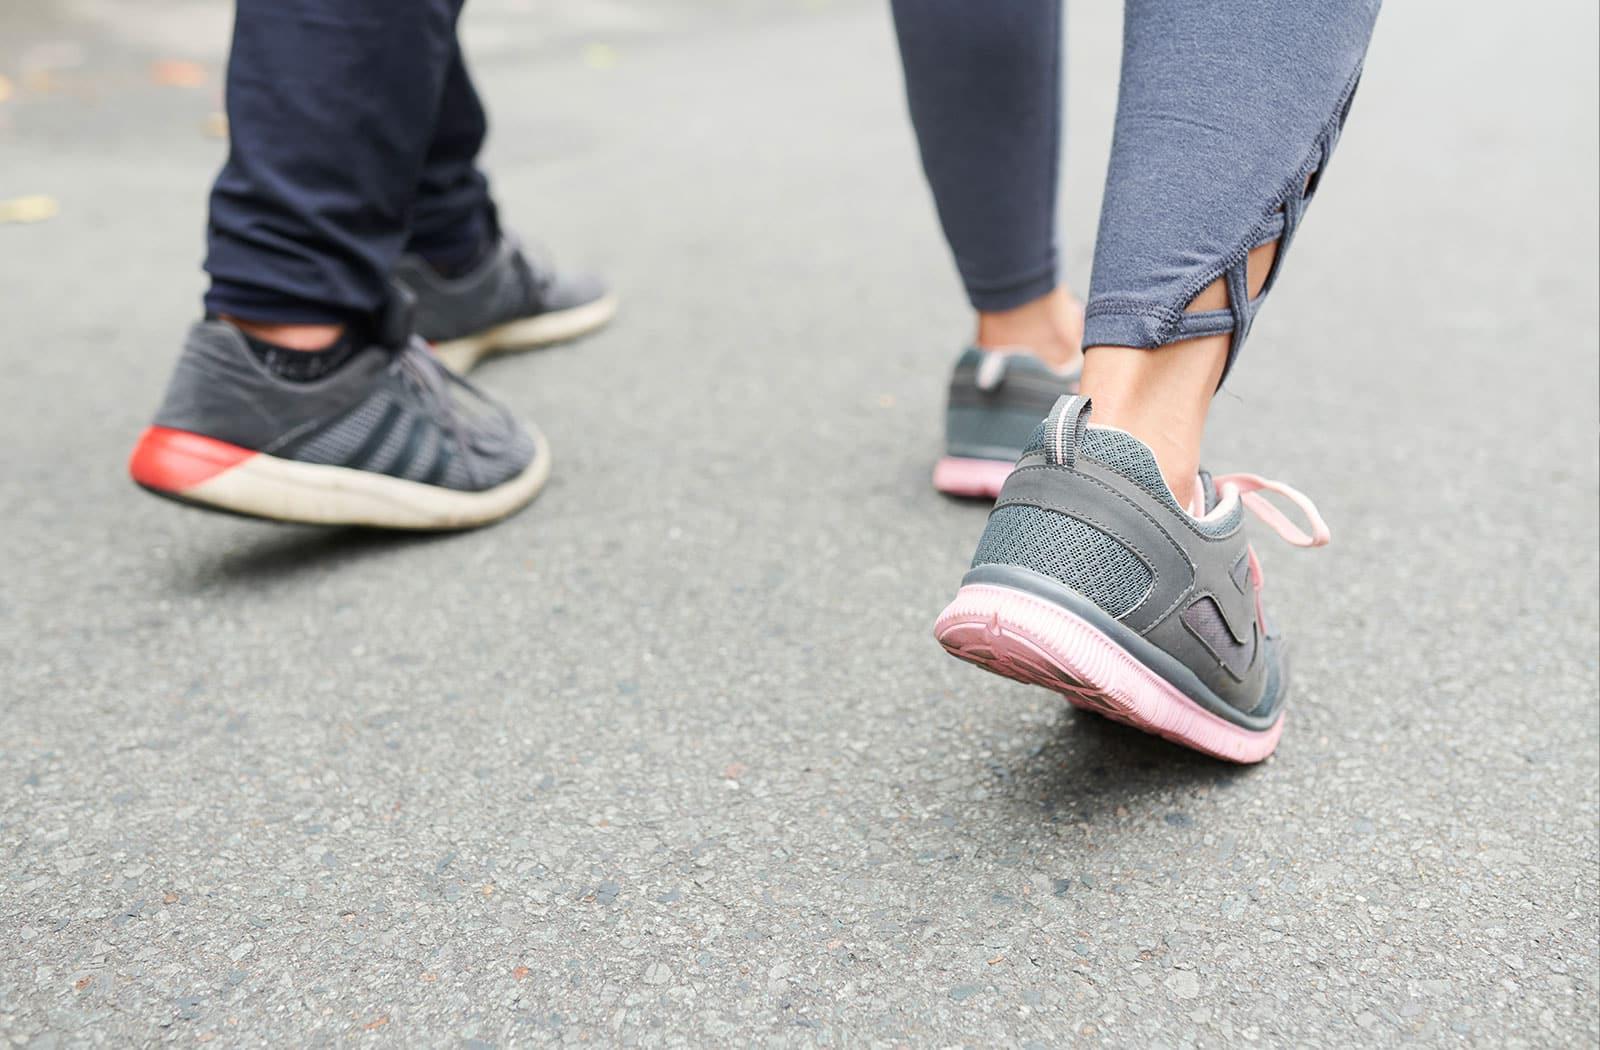 Das gemeinsame aktive Gehen an der frischen Luft in Kitzingen bringt Energie für einen sportlichen Start ins Wochenende.